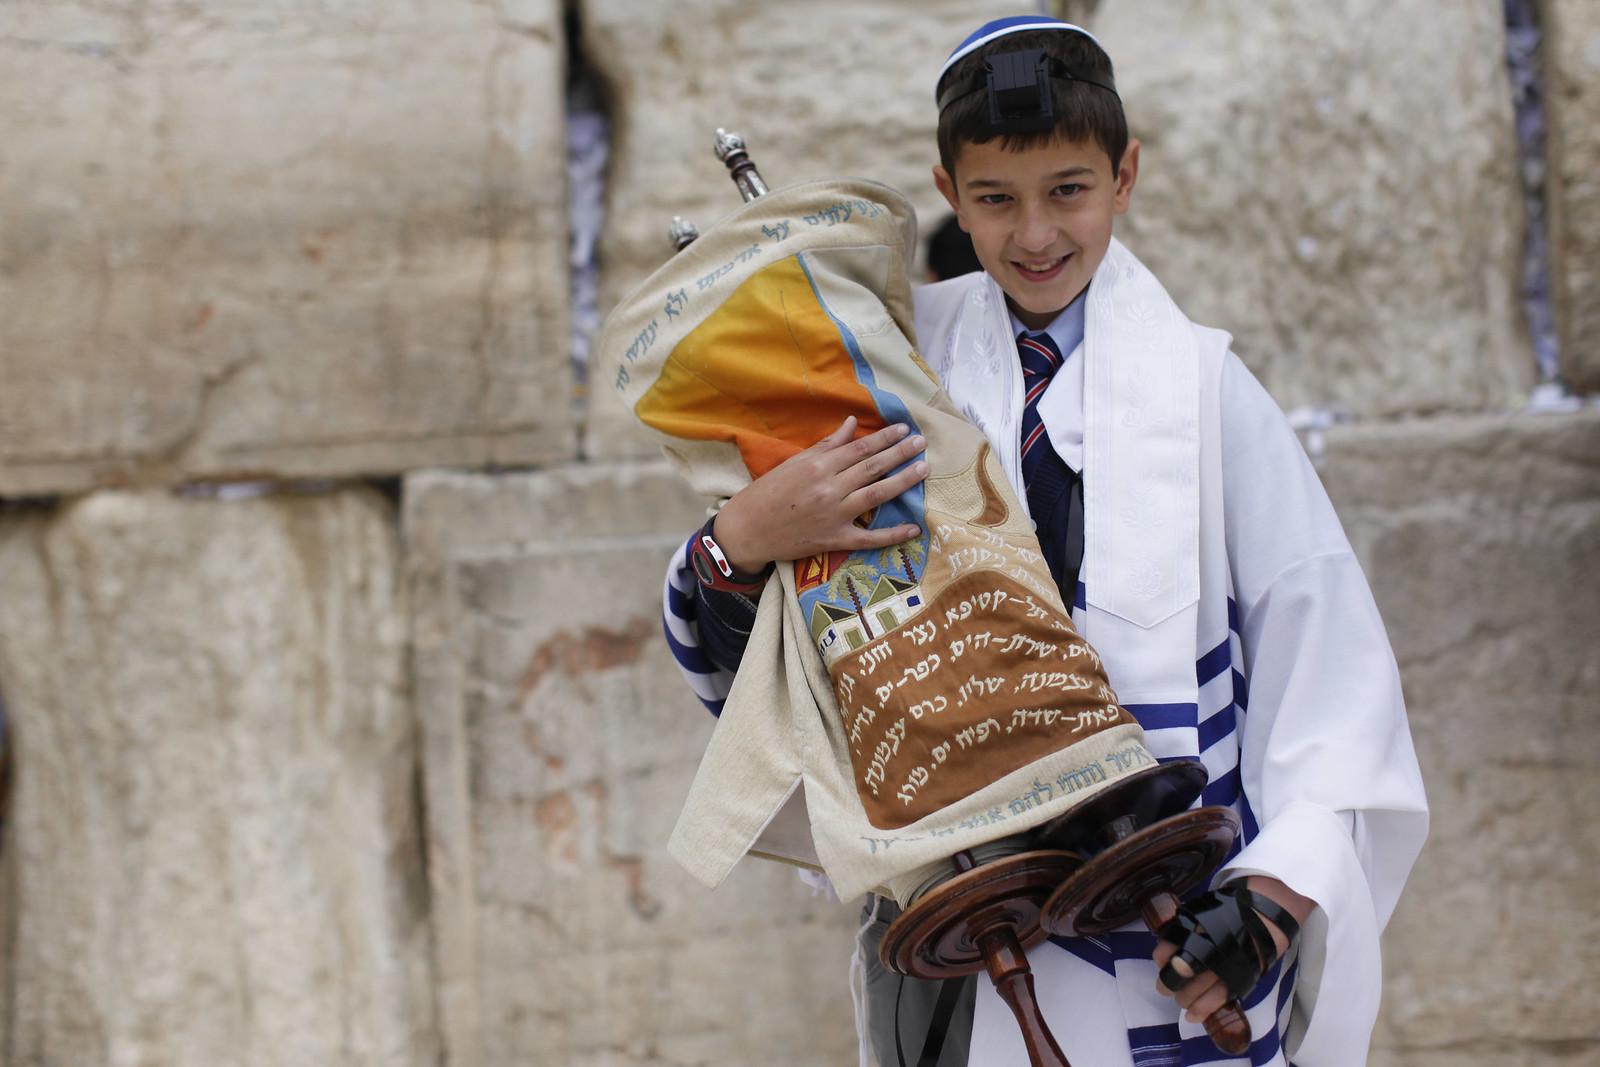 Bar Mitzvah 14_Jerusalem_9721_Yonatan Sindel_Flash 90_IMOT